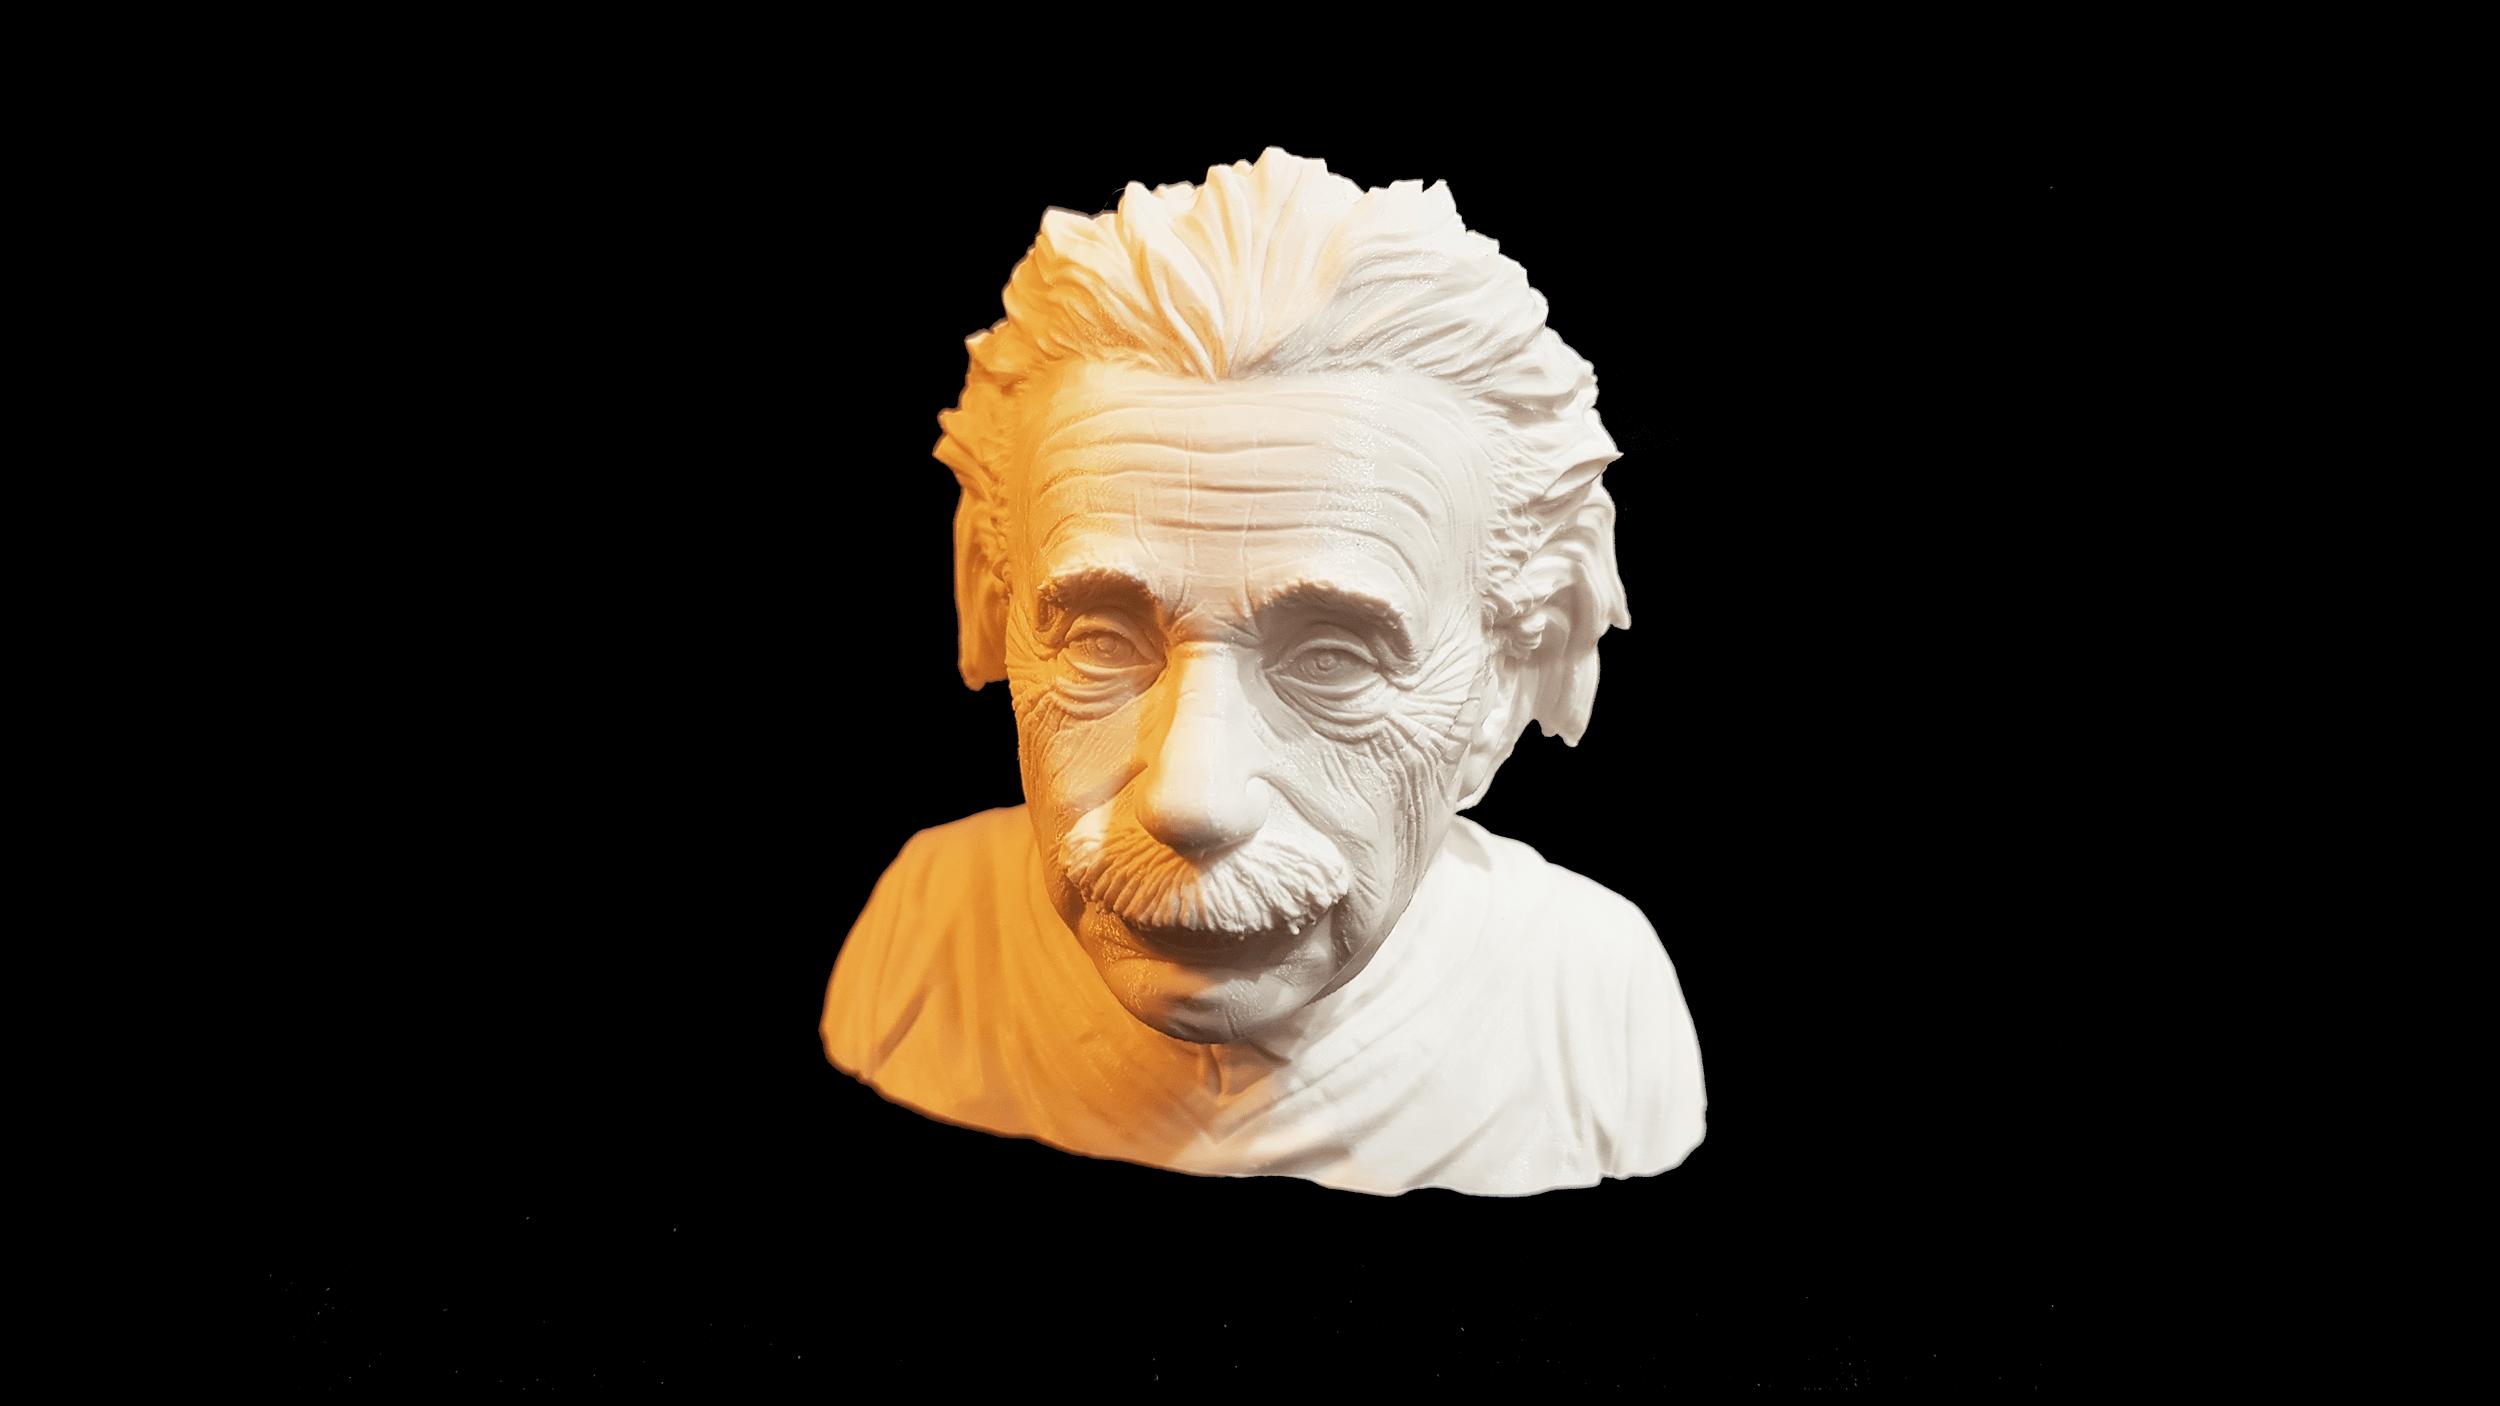 Einsteinfigur aus dem 3D Drucker